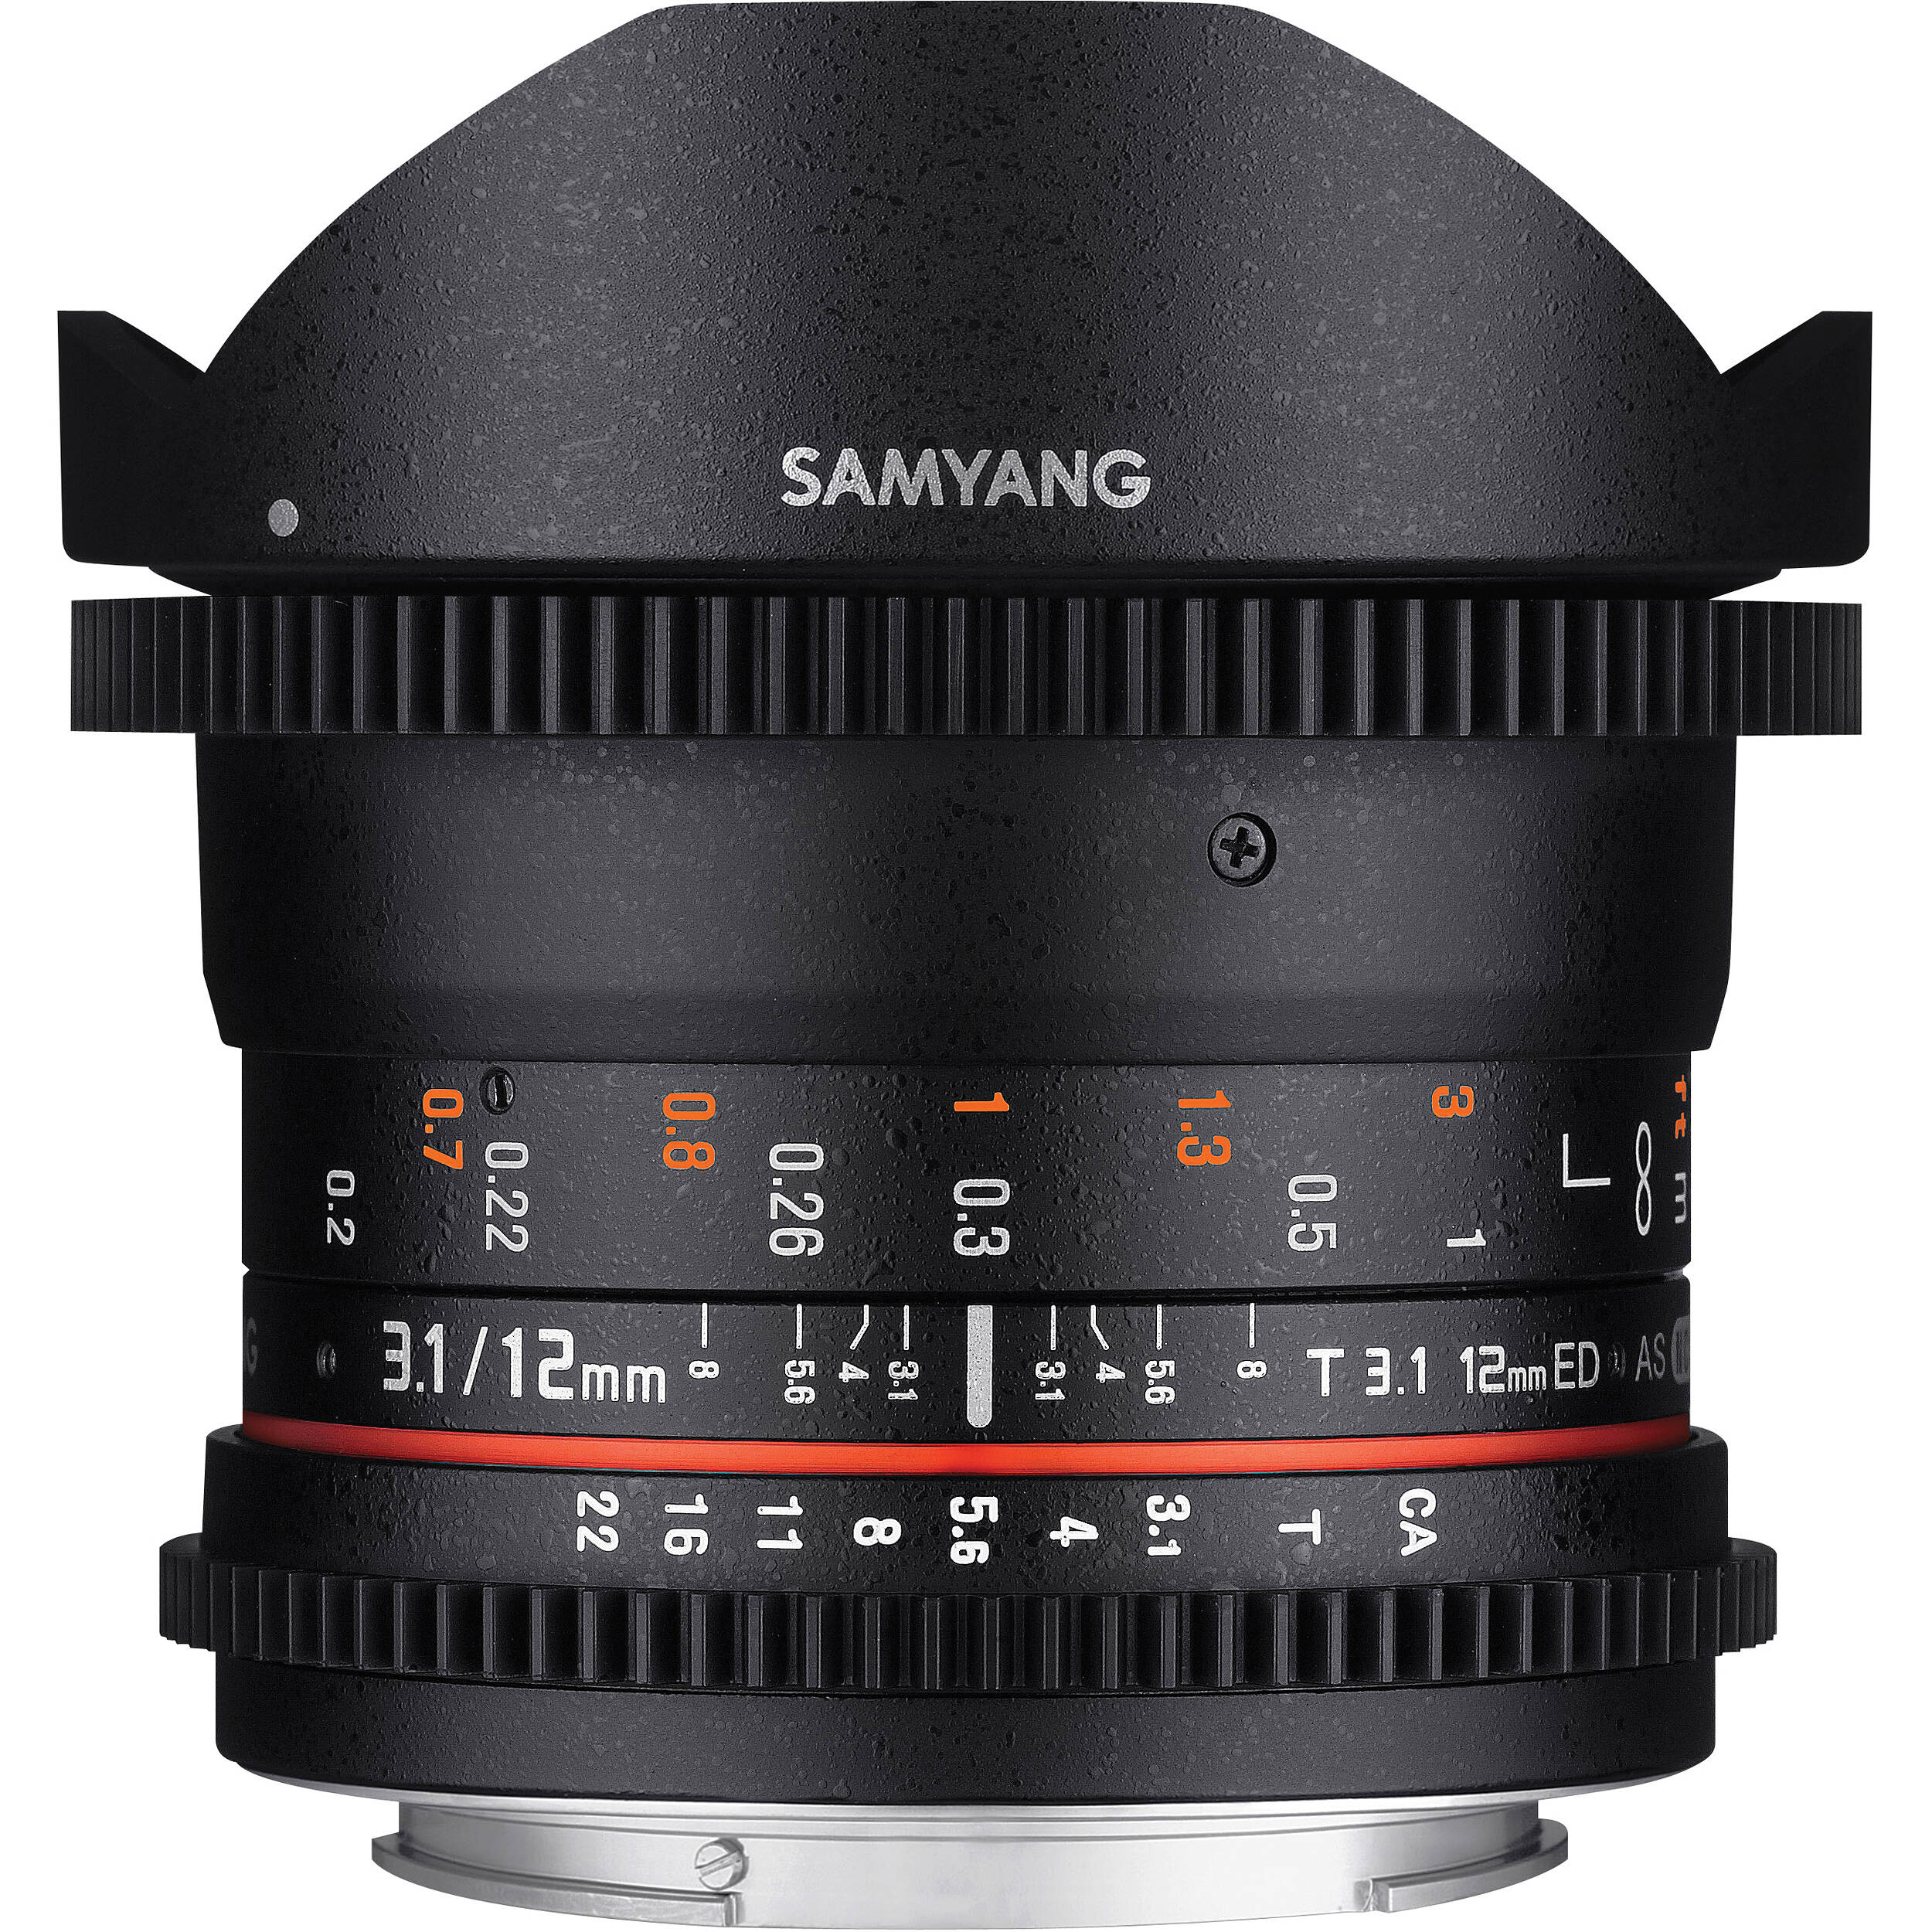 Samyang 12mm t3 1 vdslr cine fisheye lens for canon ef for Fish eye lens